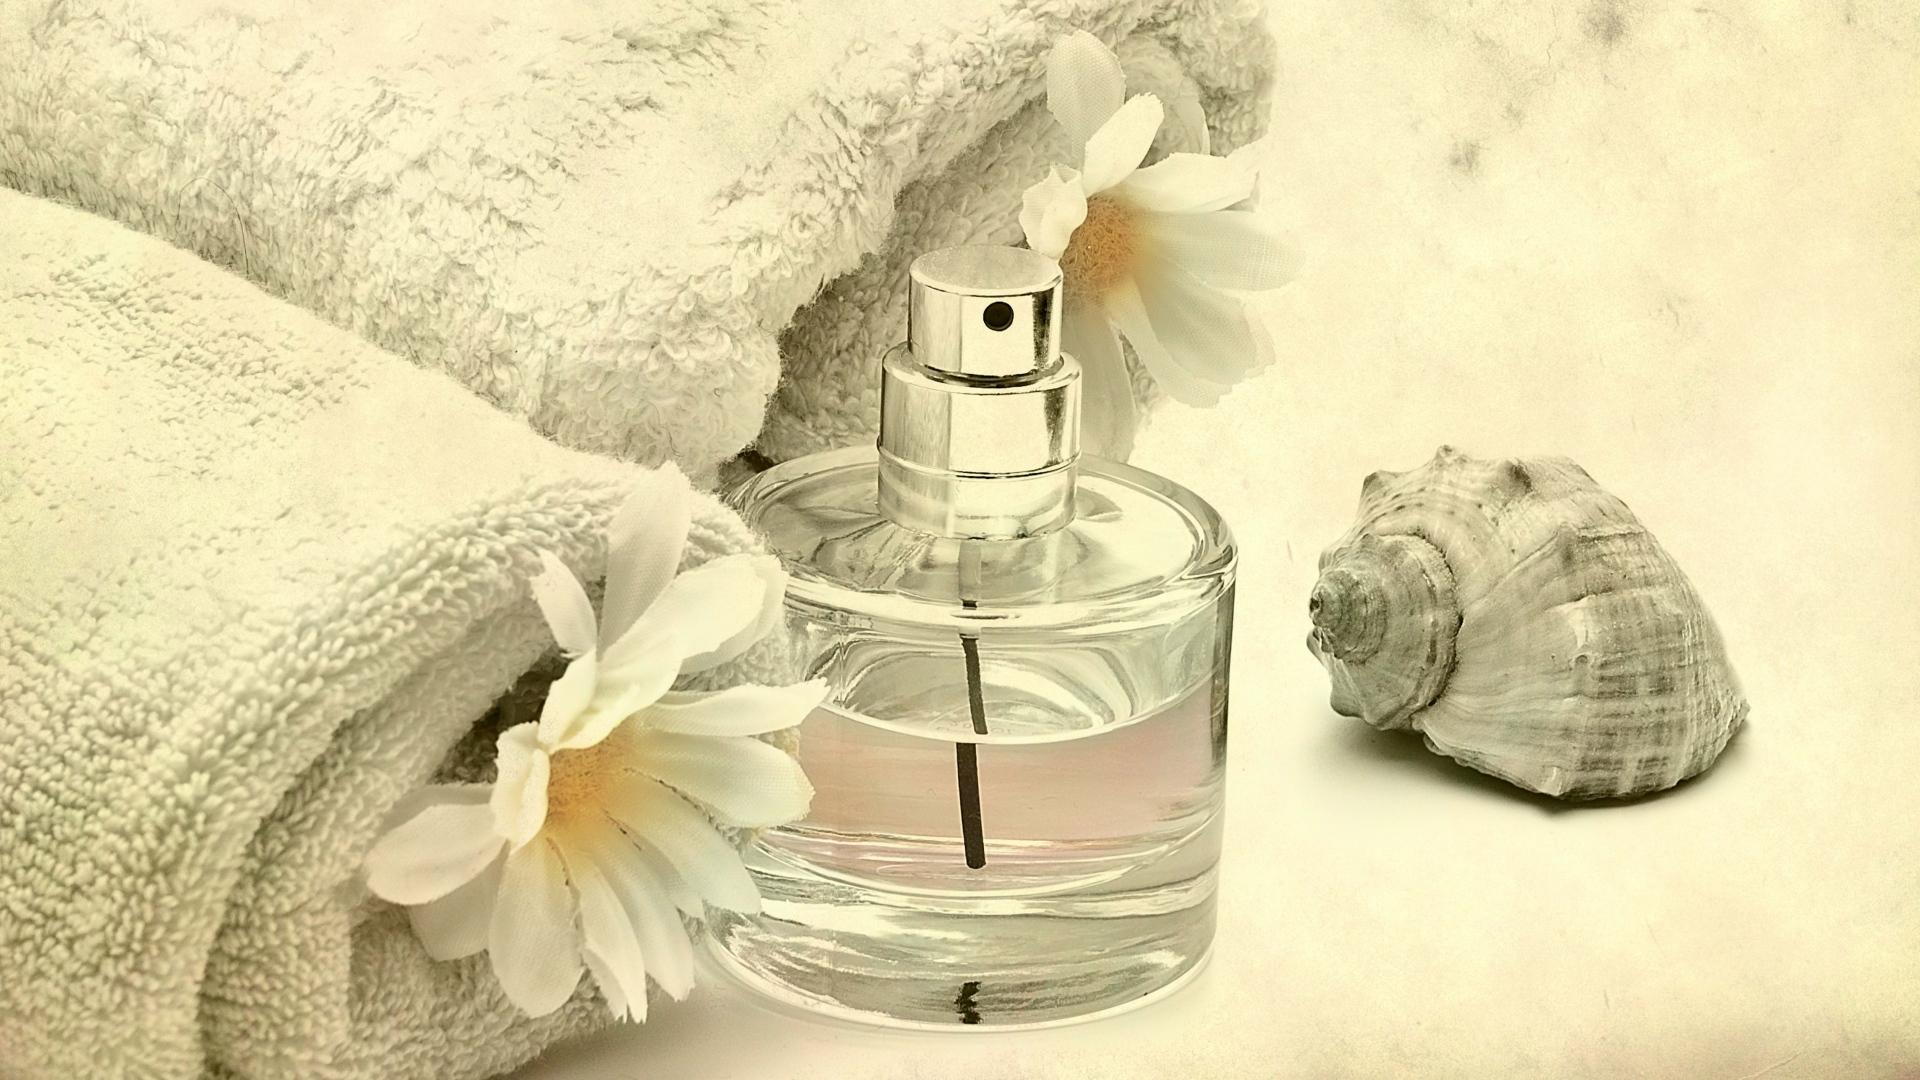 Teste dich: Was ist das richtige Parfum für mich?